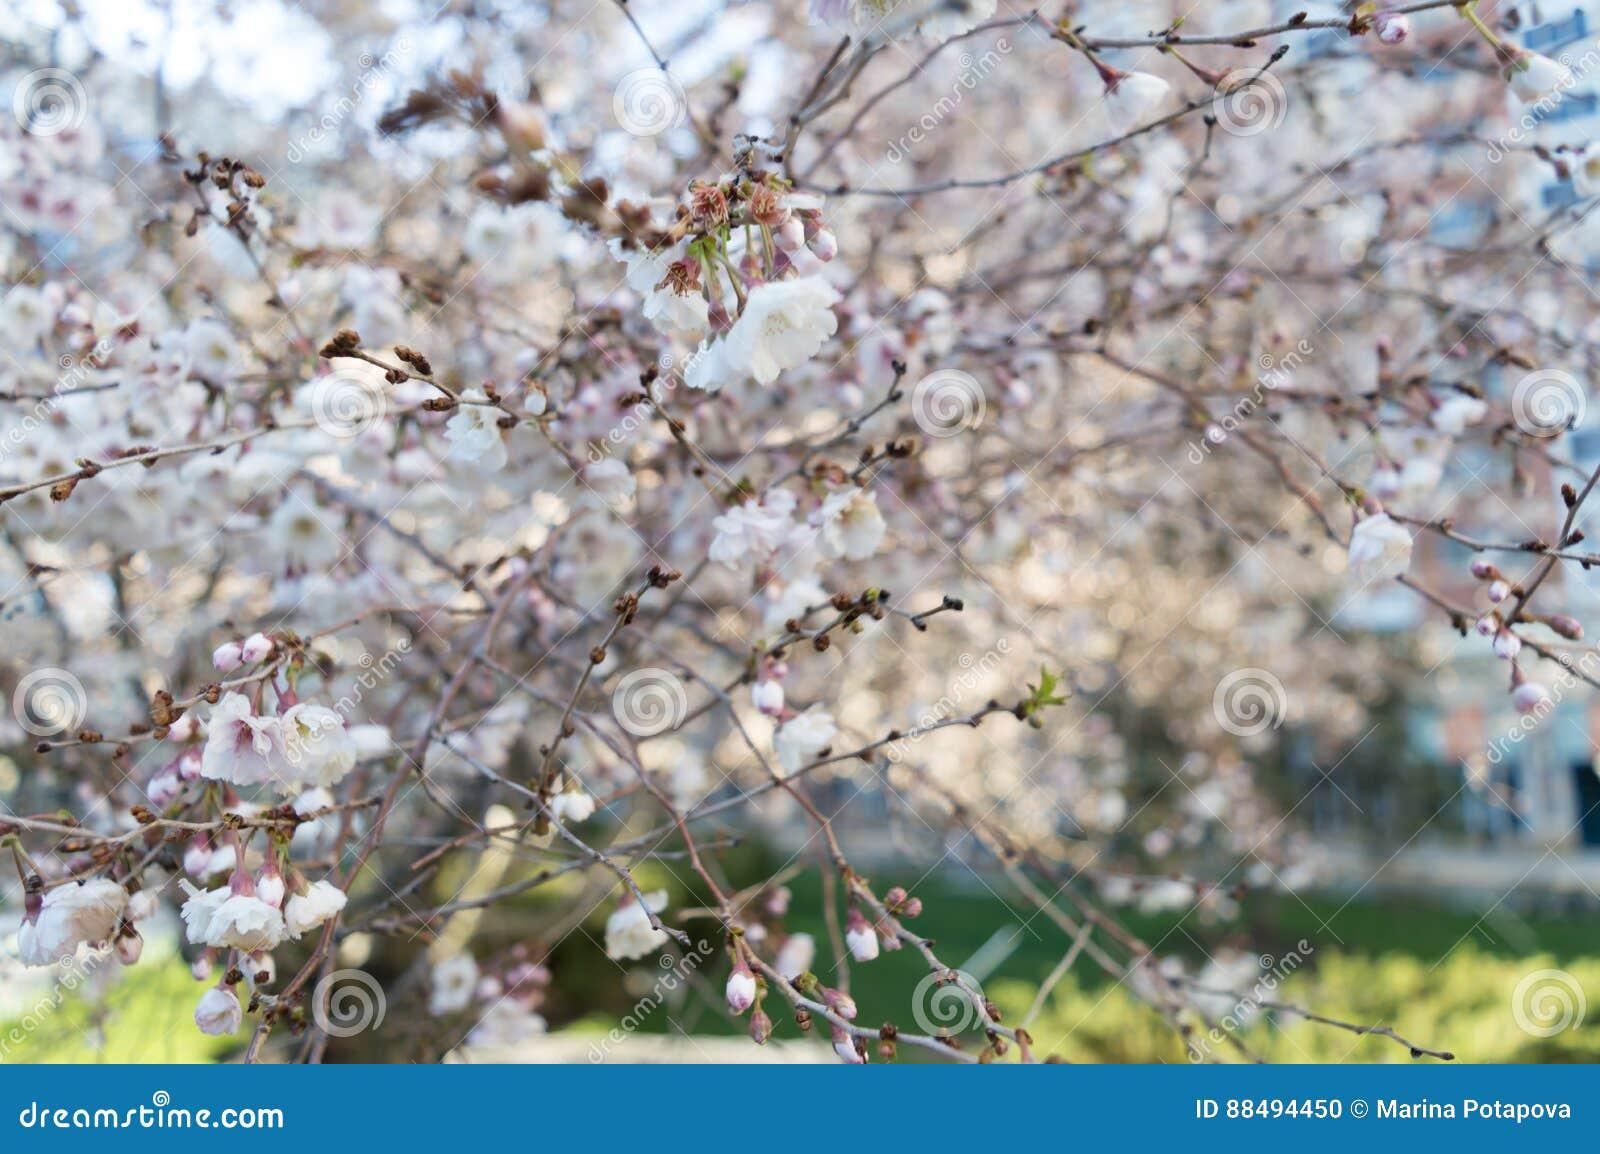 Sakura Or Cherry Blossom Flower Tree Full Bloom In Spring Season